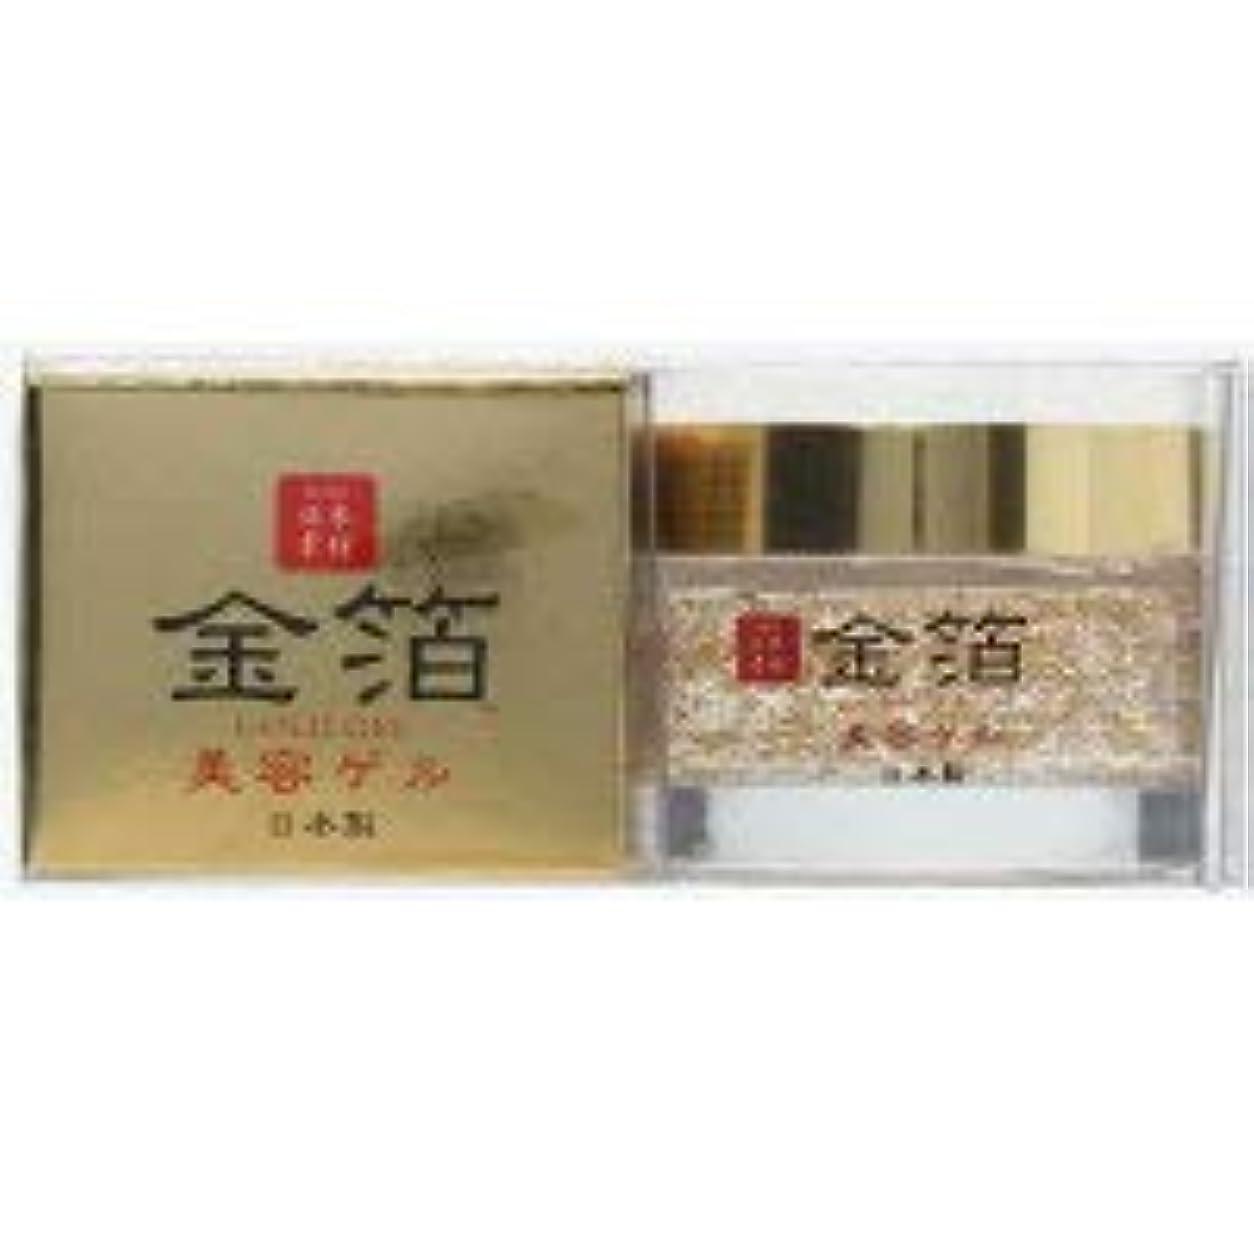 フラスコ穀物ビジター日本製 金箔入りゴールドゲル MYM 50g【ヒアルロン酸】【コラーゲン】[株式会社MYM]